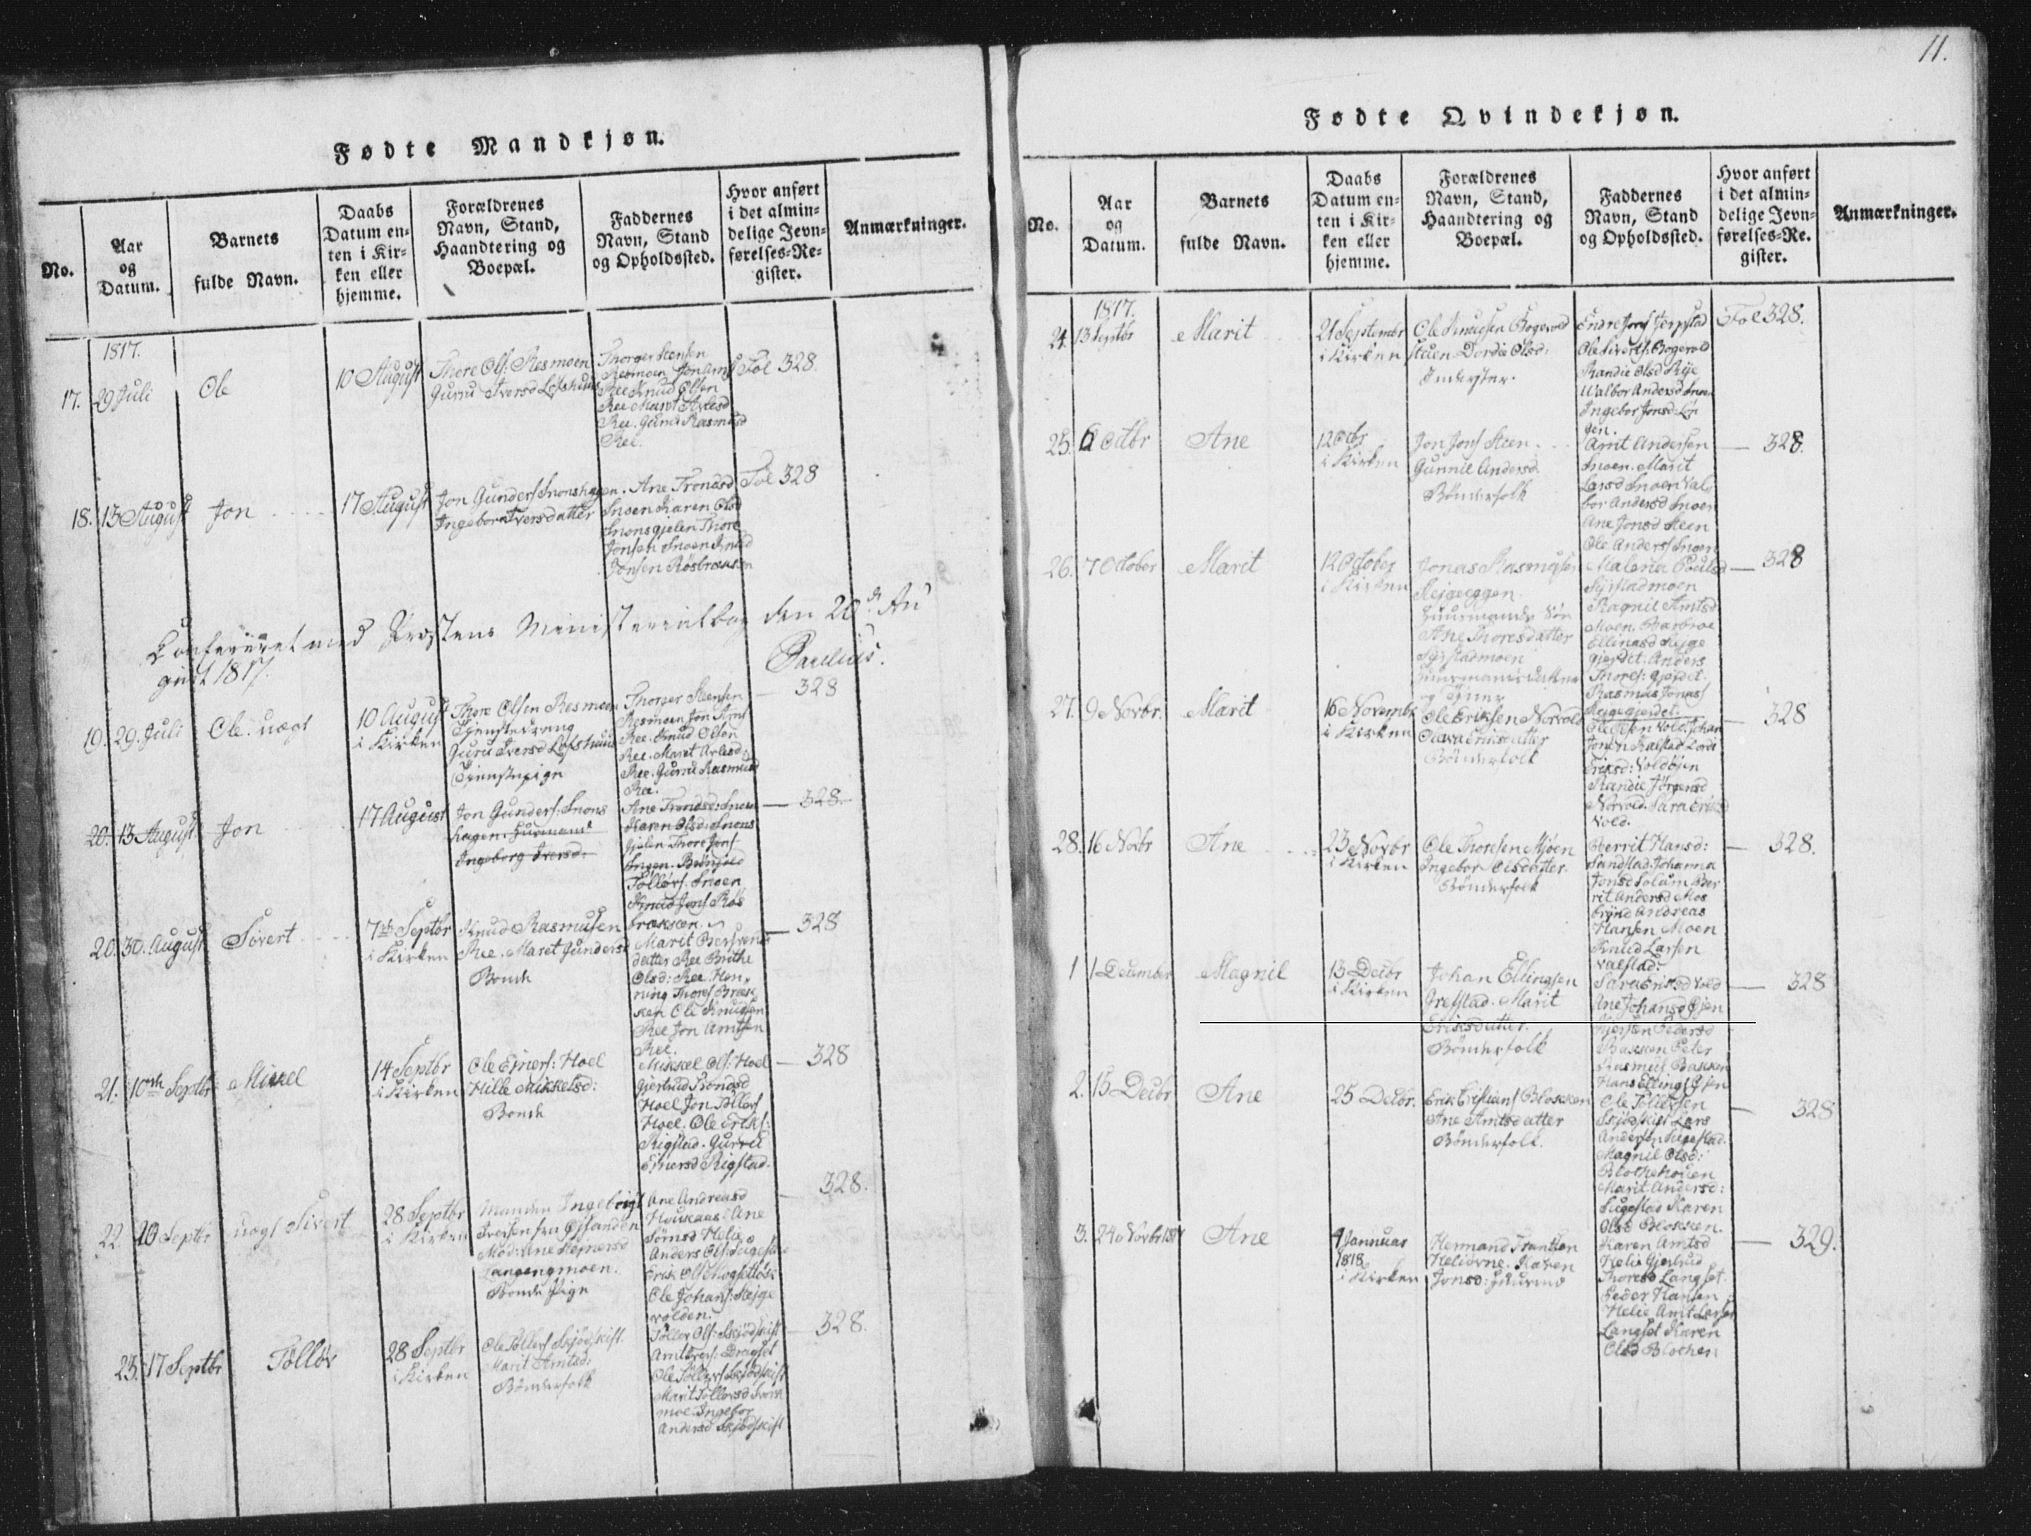 SAT, Ministerialprotokoller, klokkerbøker og fødselsregistre - Sør-Trøndelag, 672/L0862: Klokkerbok nr. 672C01, 1816-1831, s. 11